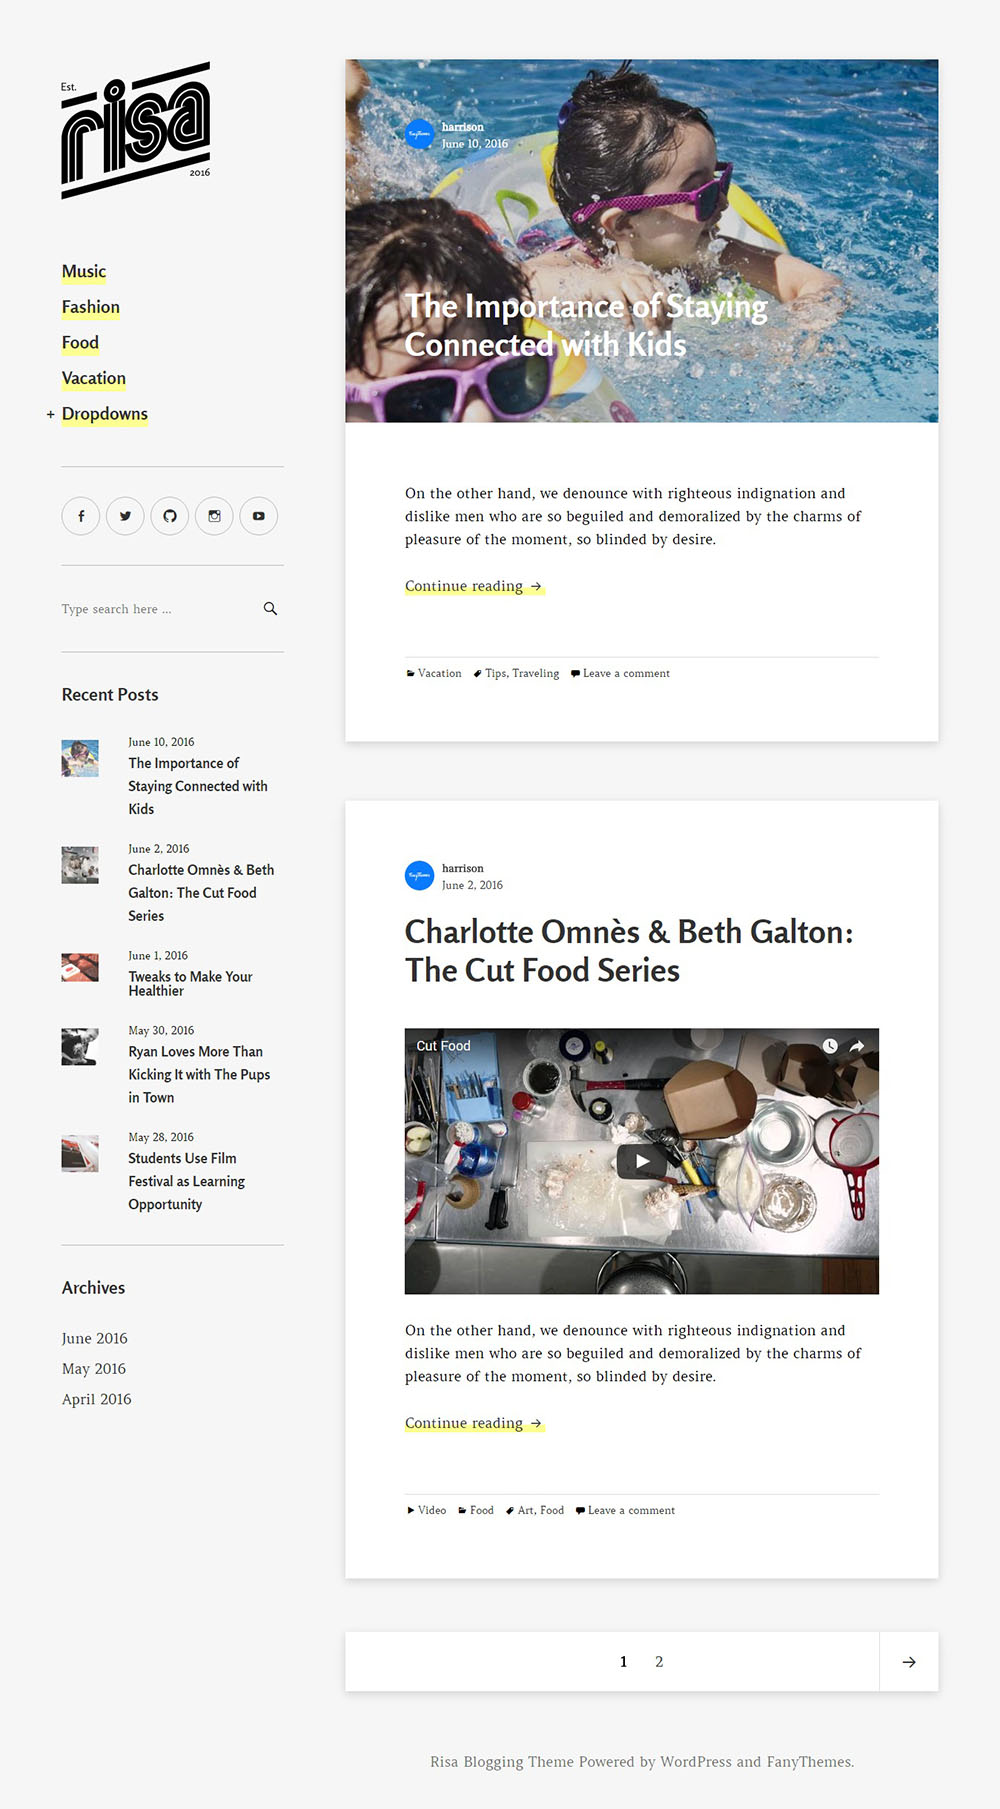 5 najlepszych darmowych motywów WordPress Risa